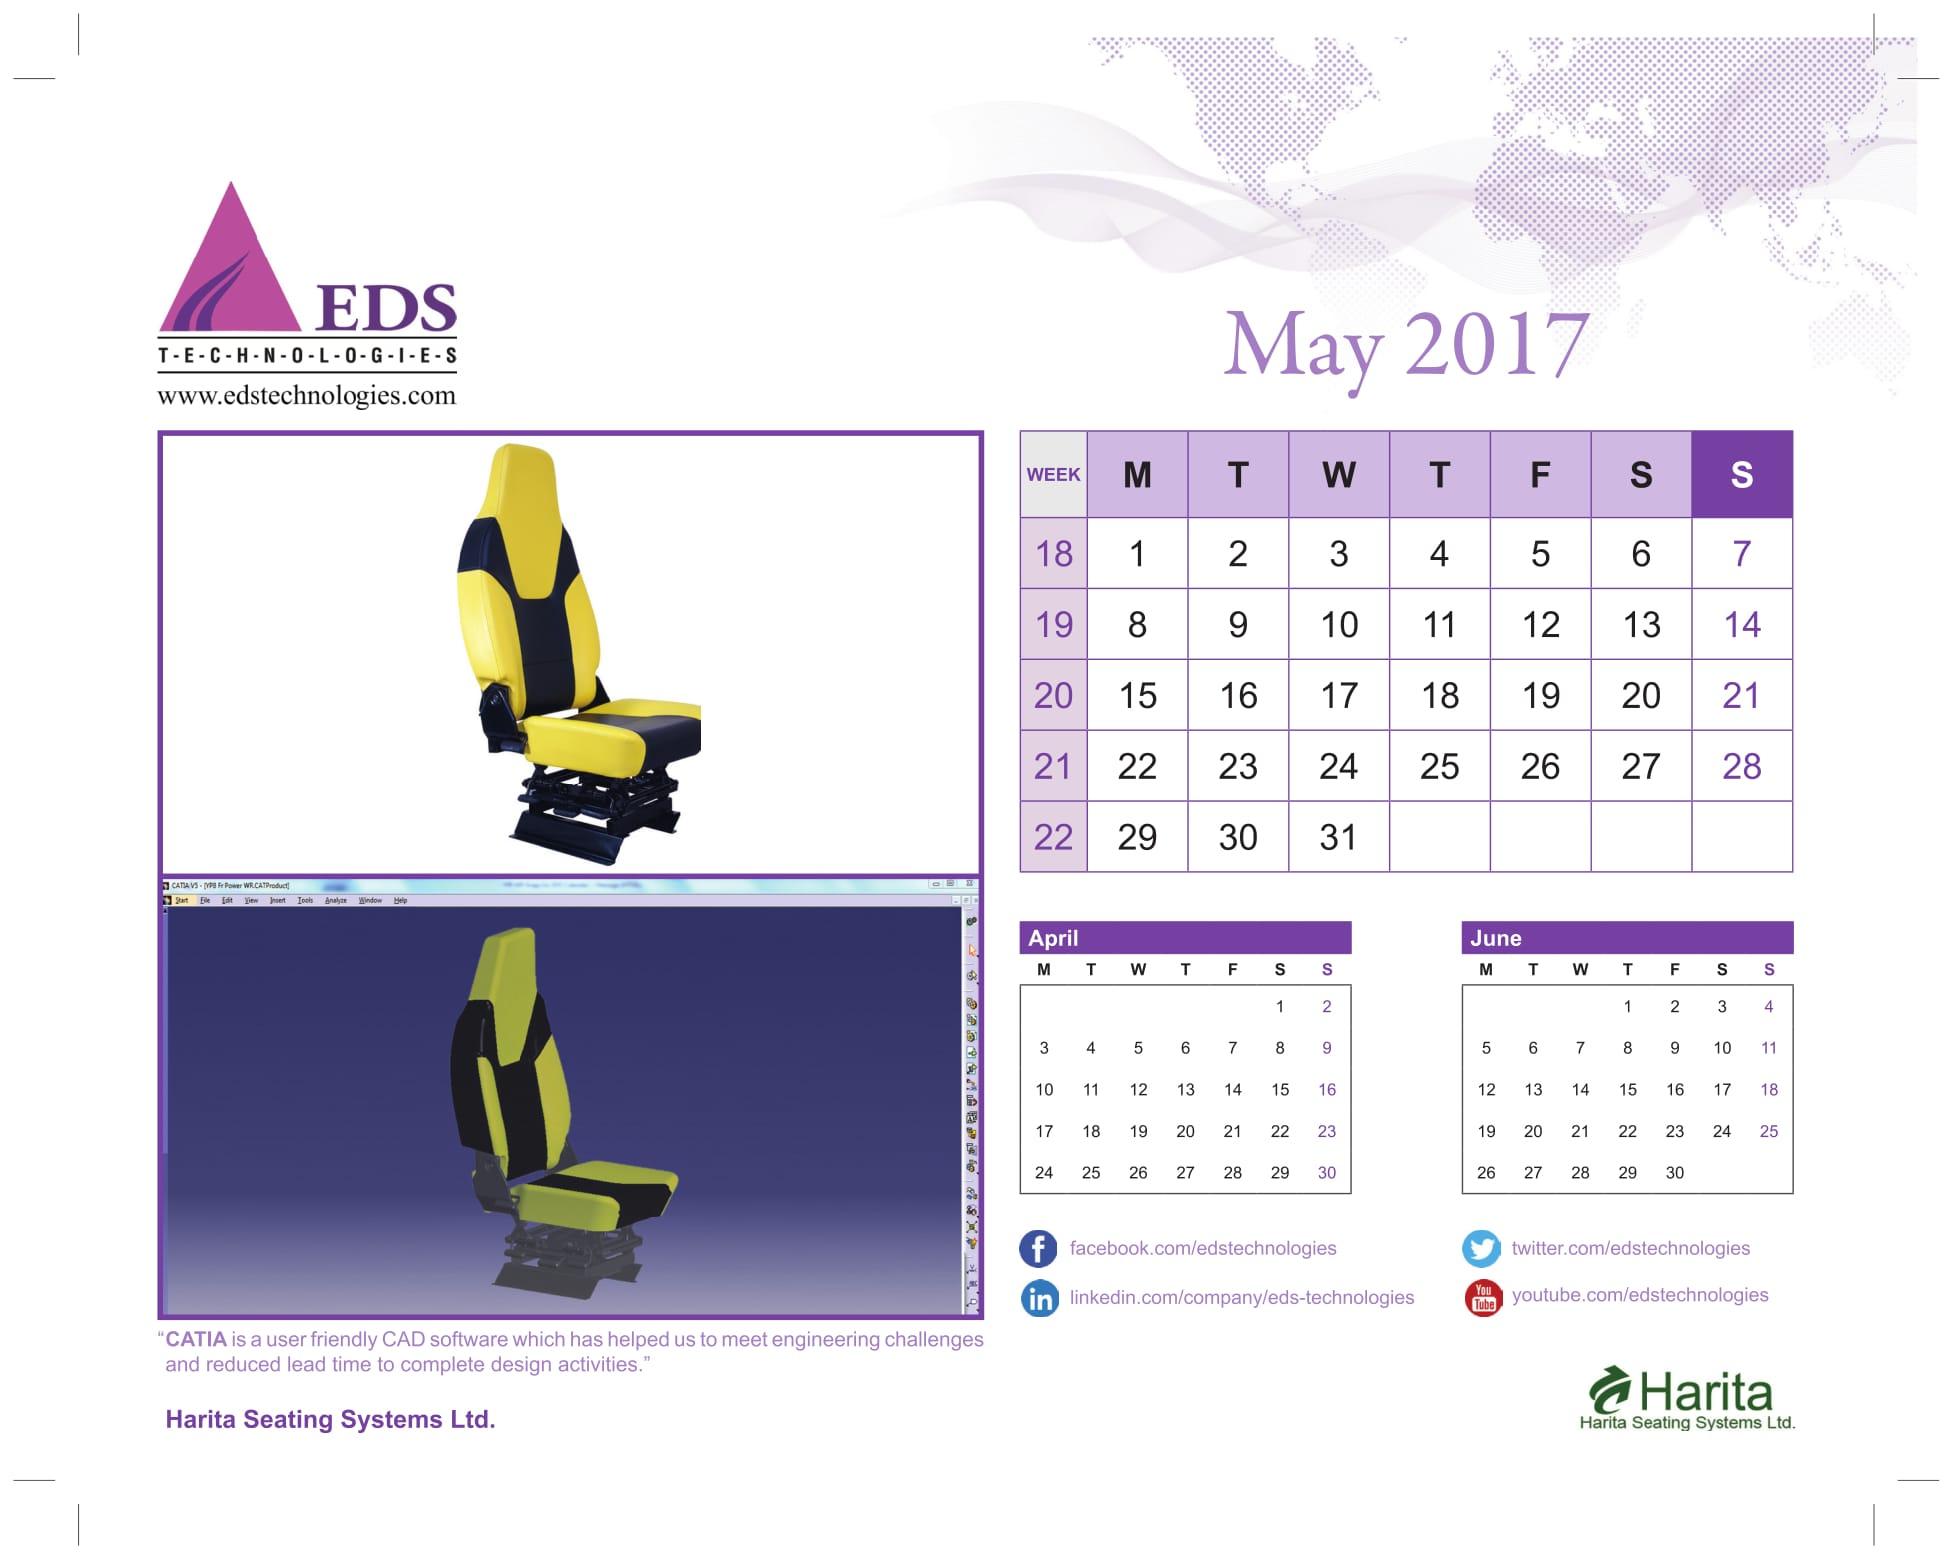 News-May-2017